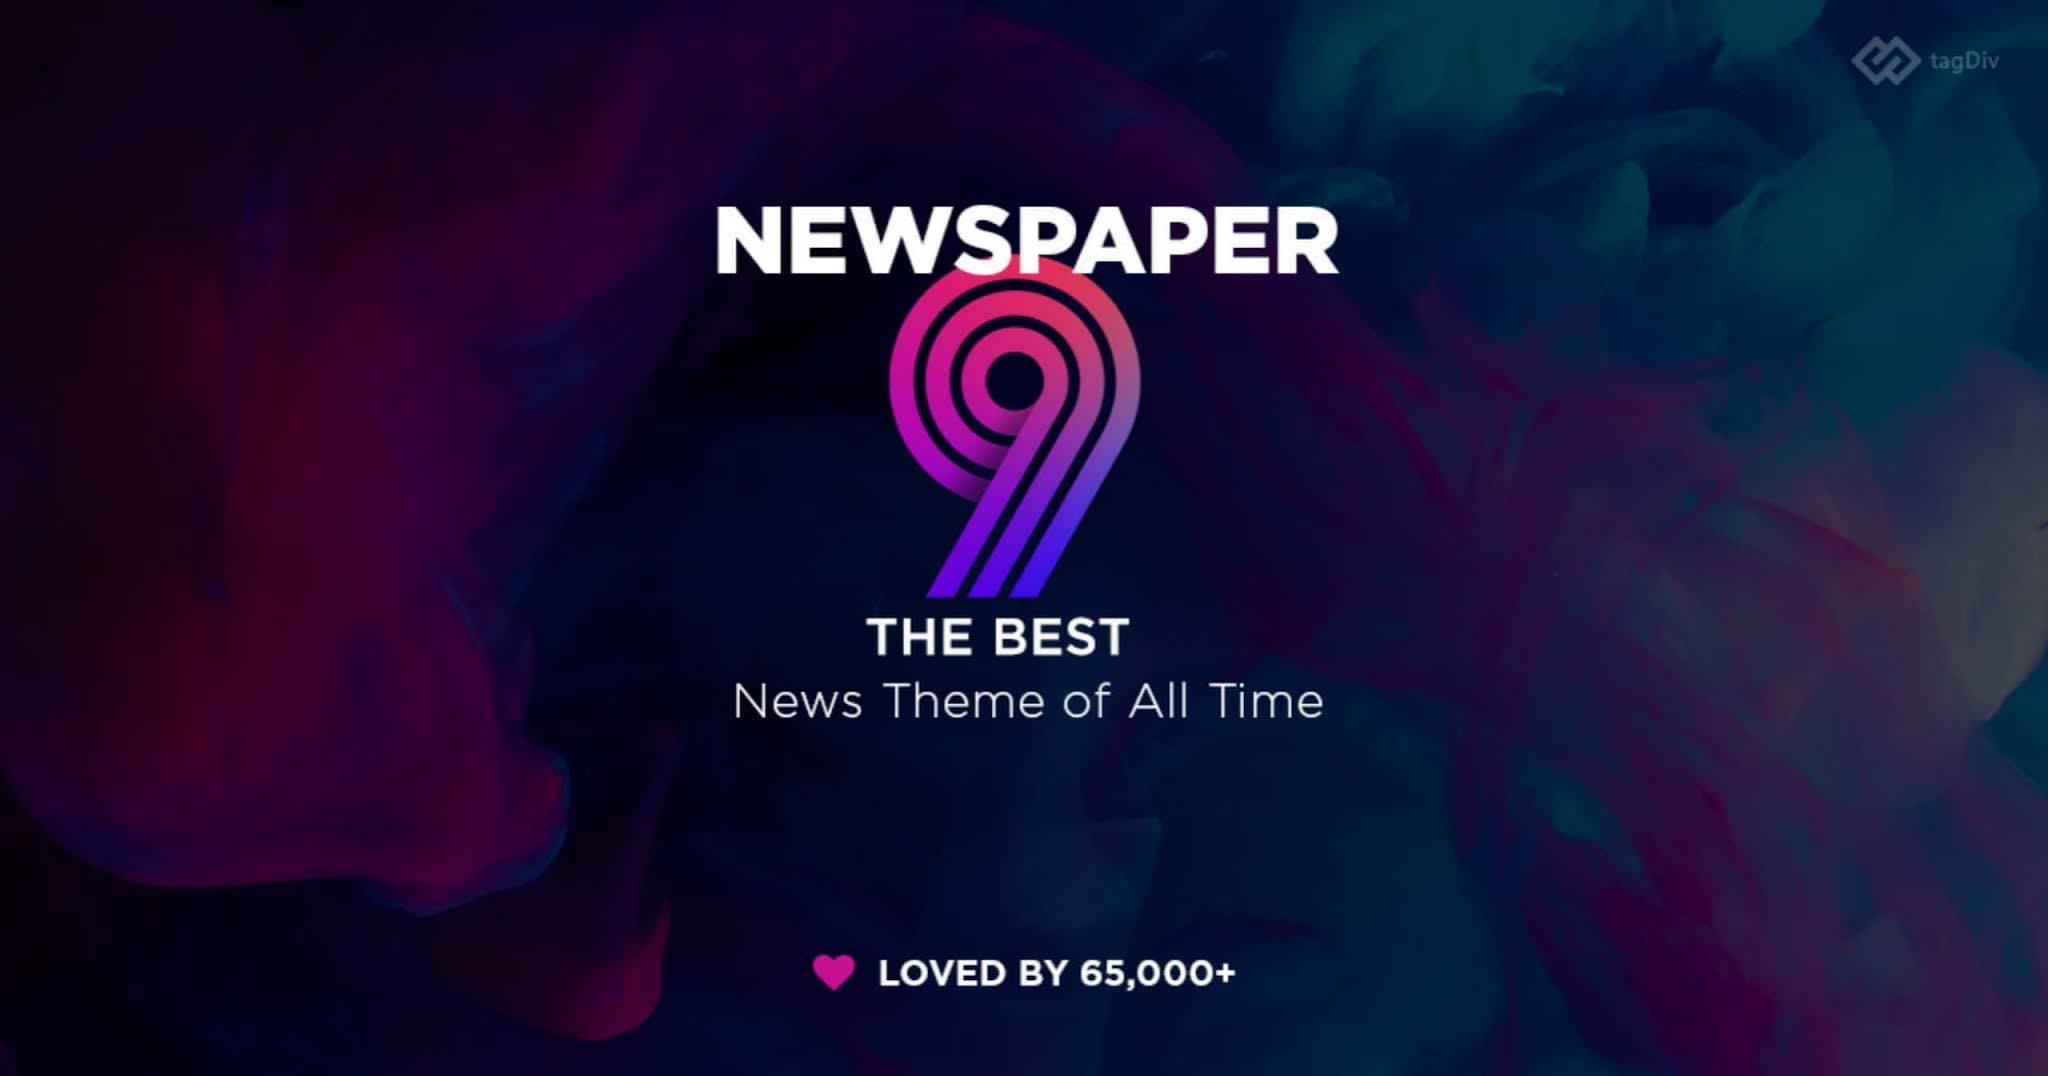 Newspaper 9 Blogger Template - Hindicraze